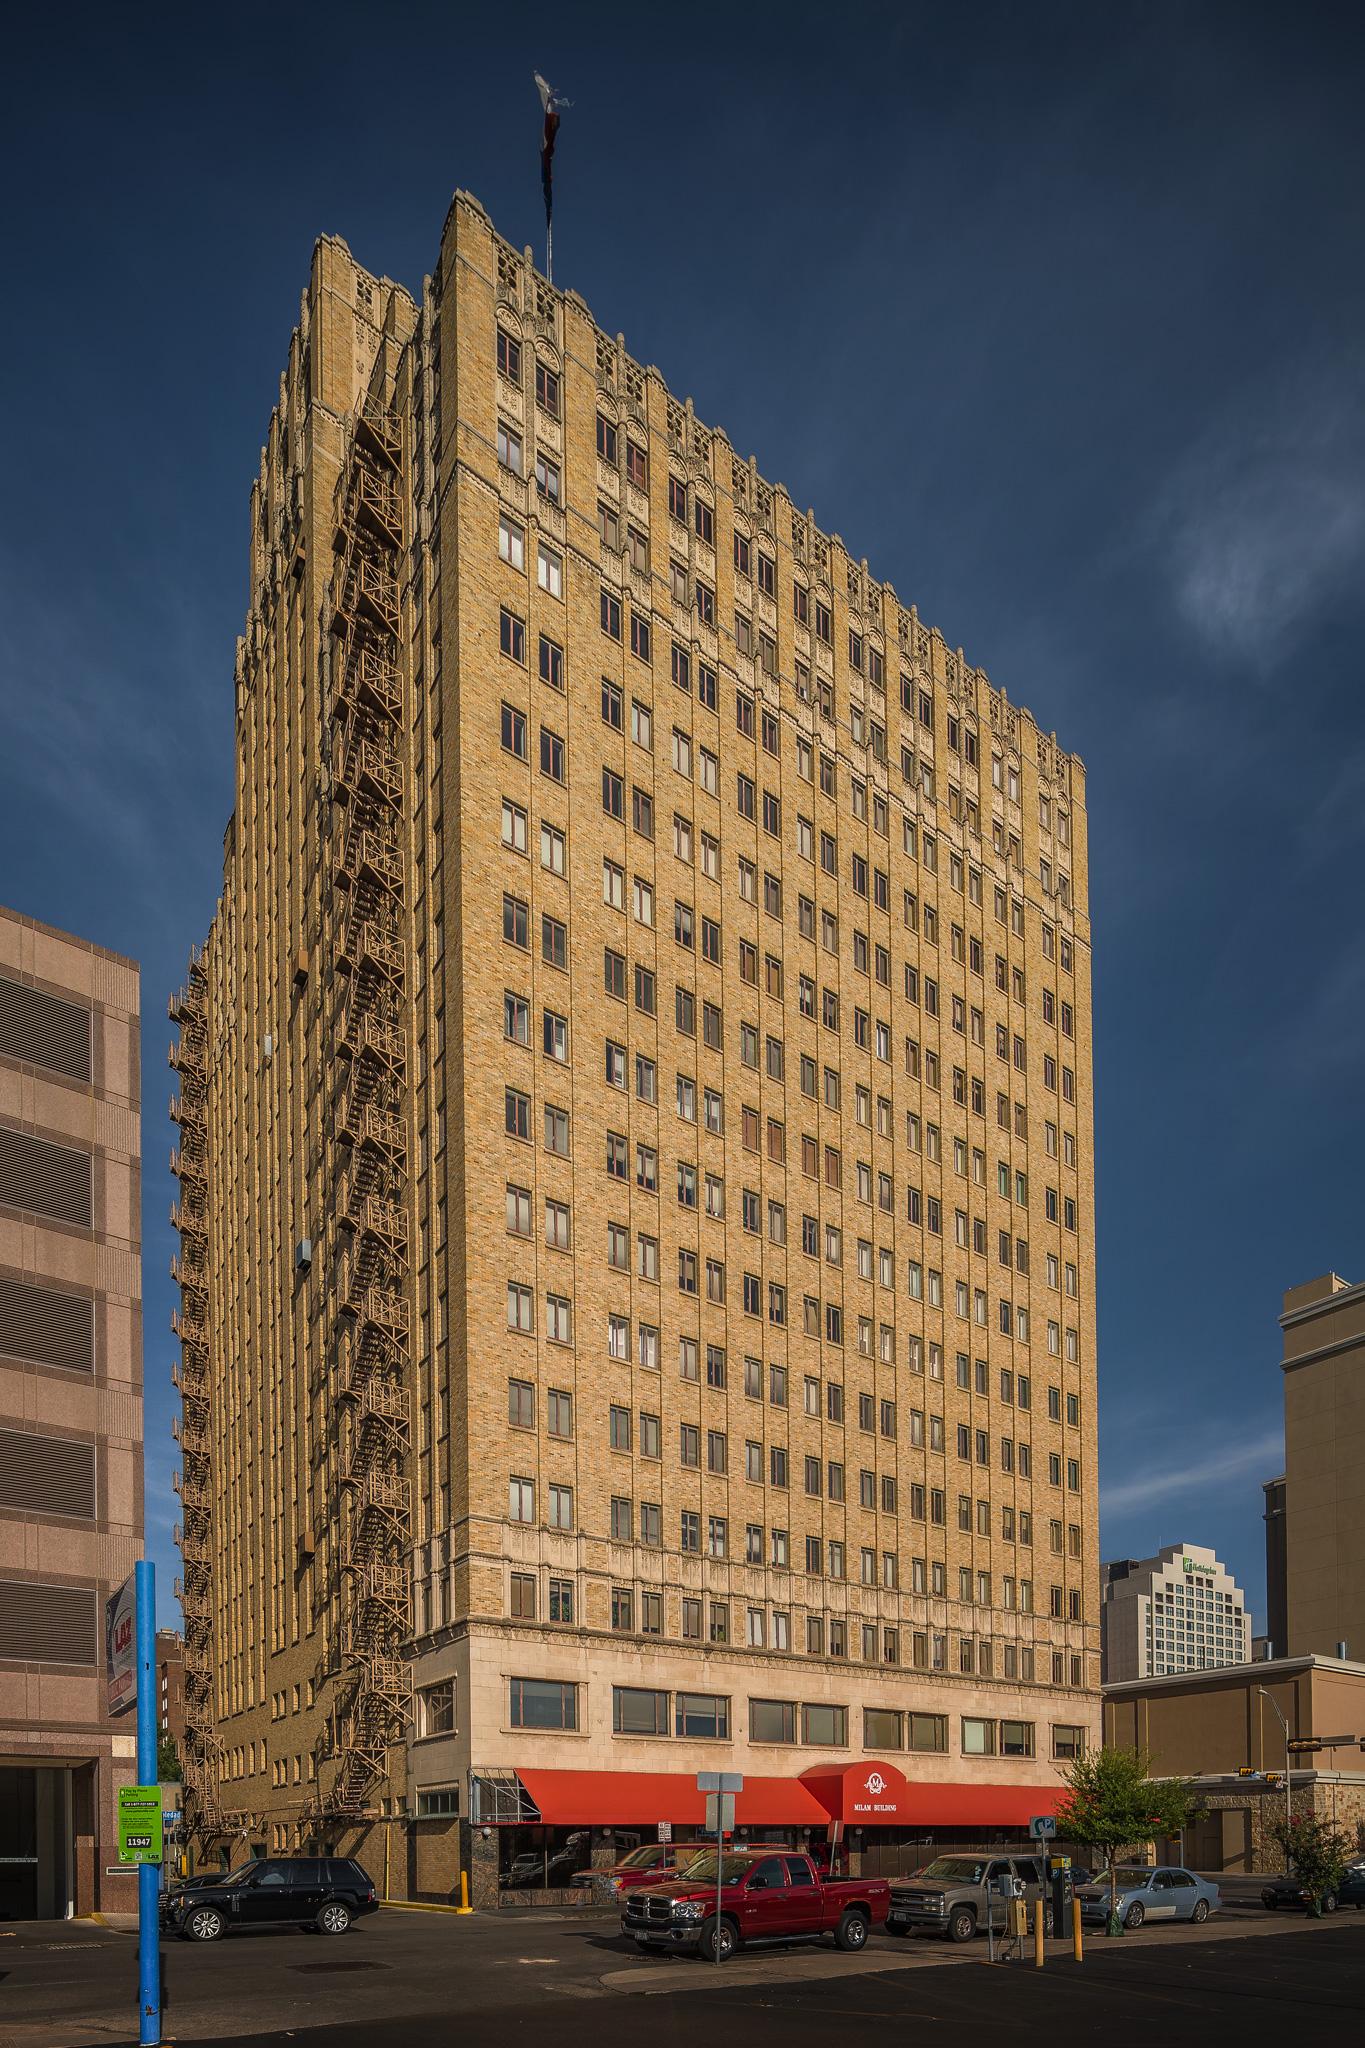 Milam Building